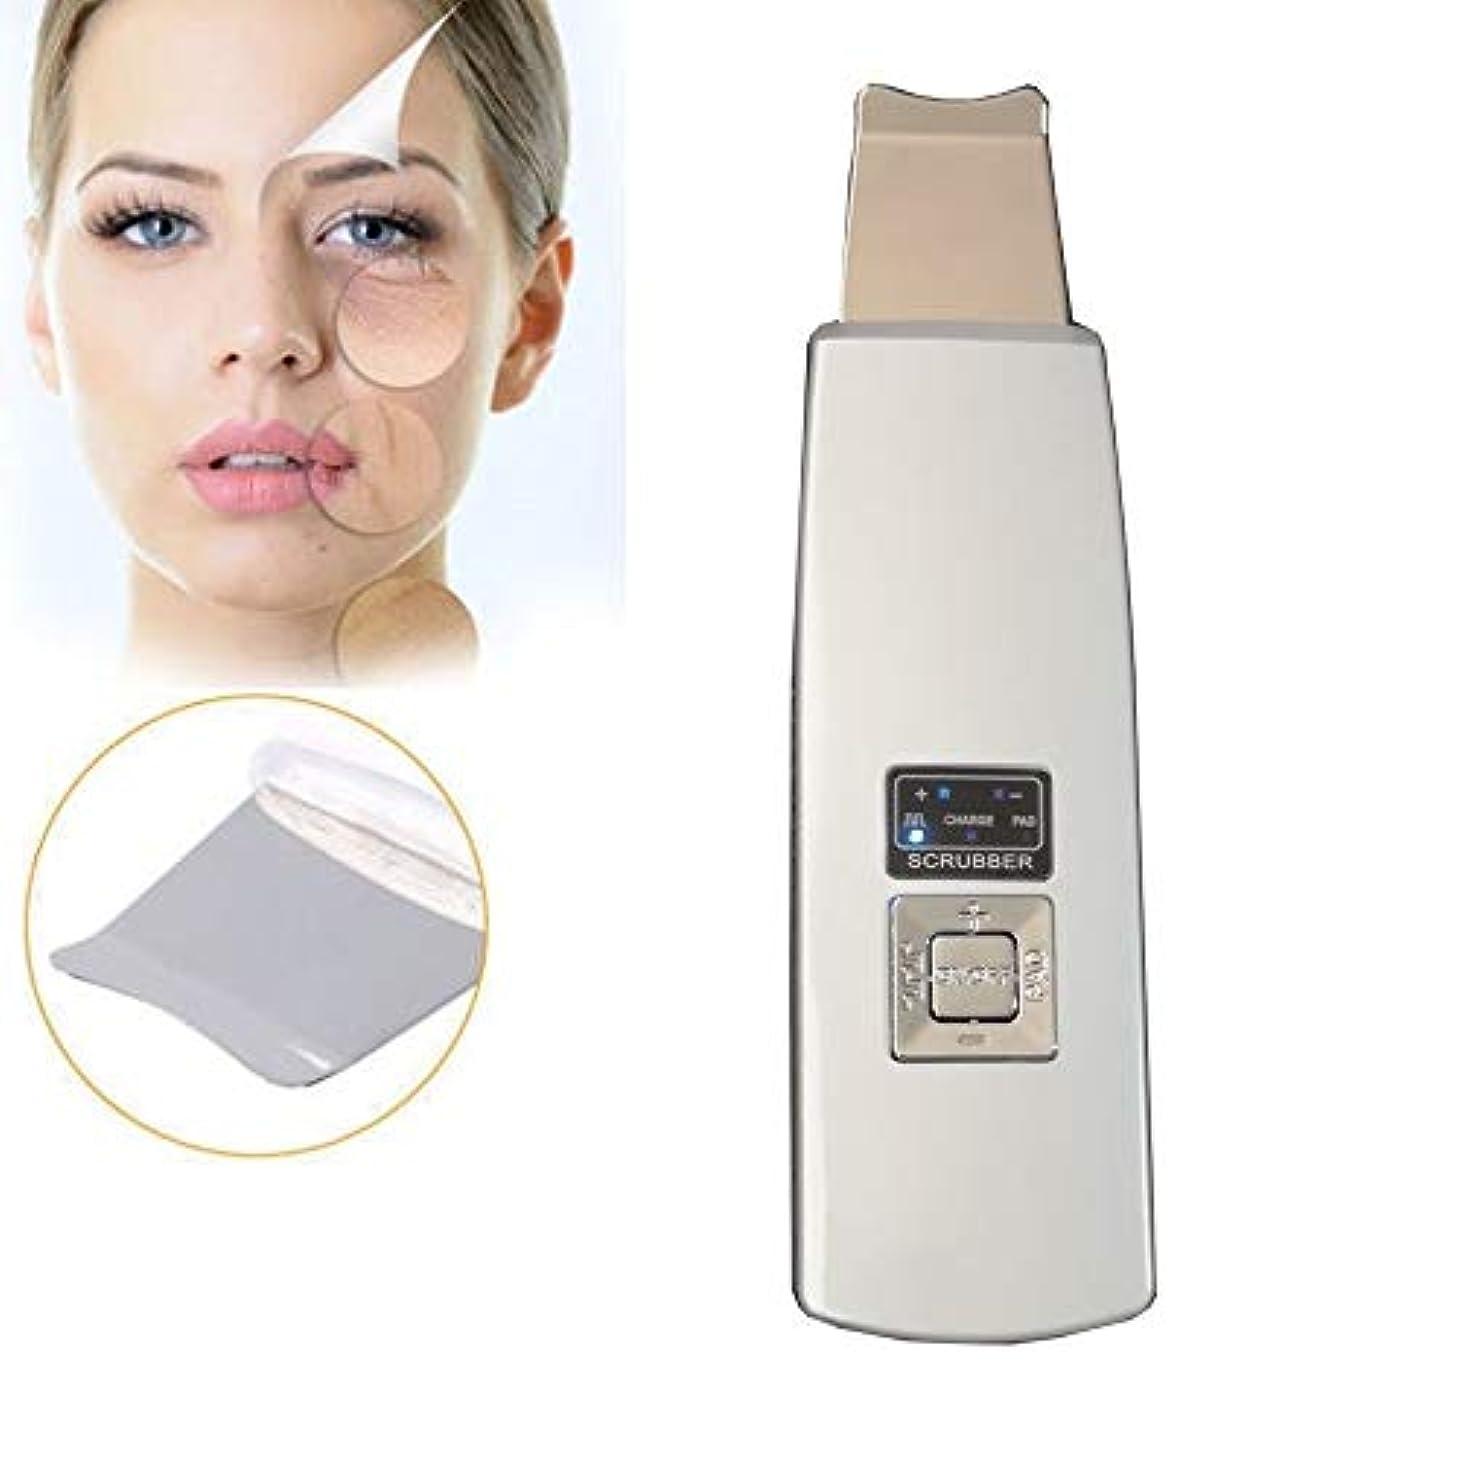 チーズ打ち負かす余分な顔の皮膚のスクラバー、ポータブル?フェイシャル超音波超音波イオンスキンケアスクラバーデバイス美容機は、ブラックヘッド面皰死んだ皮膚の除去を削除する方法